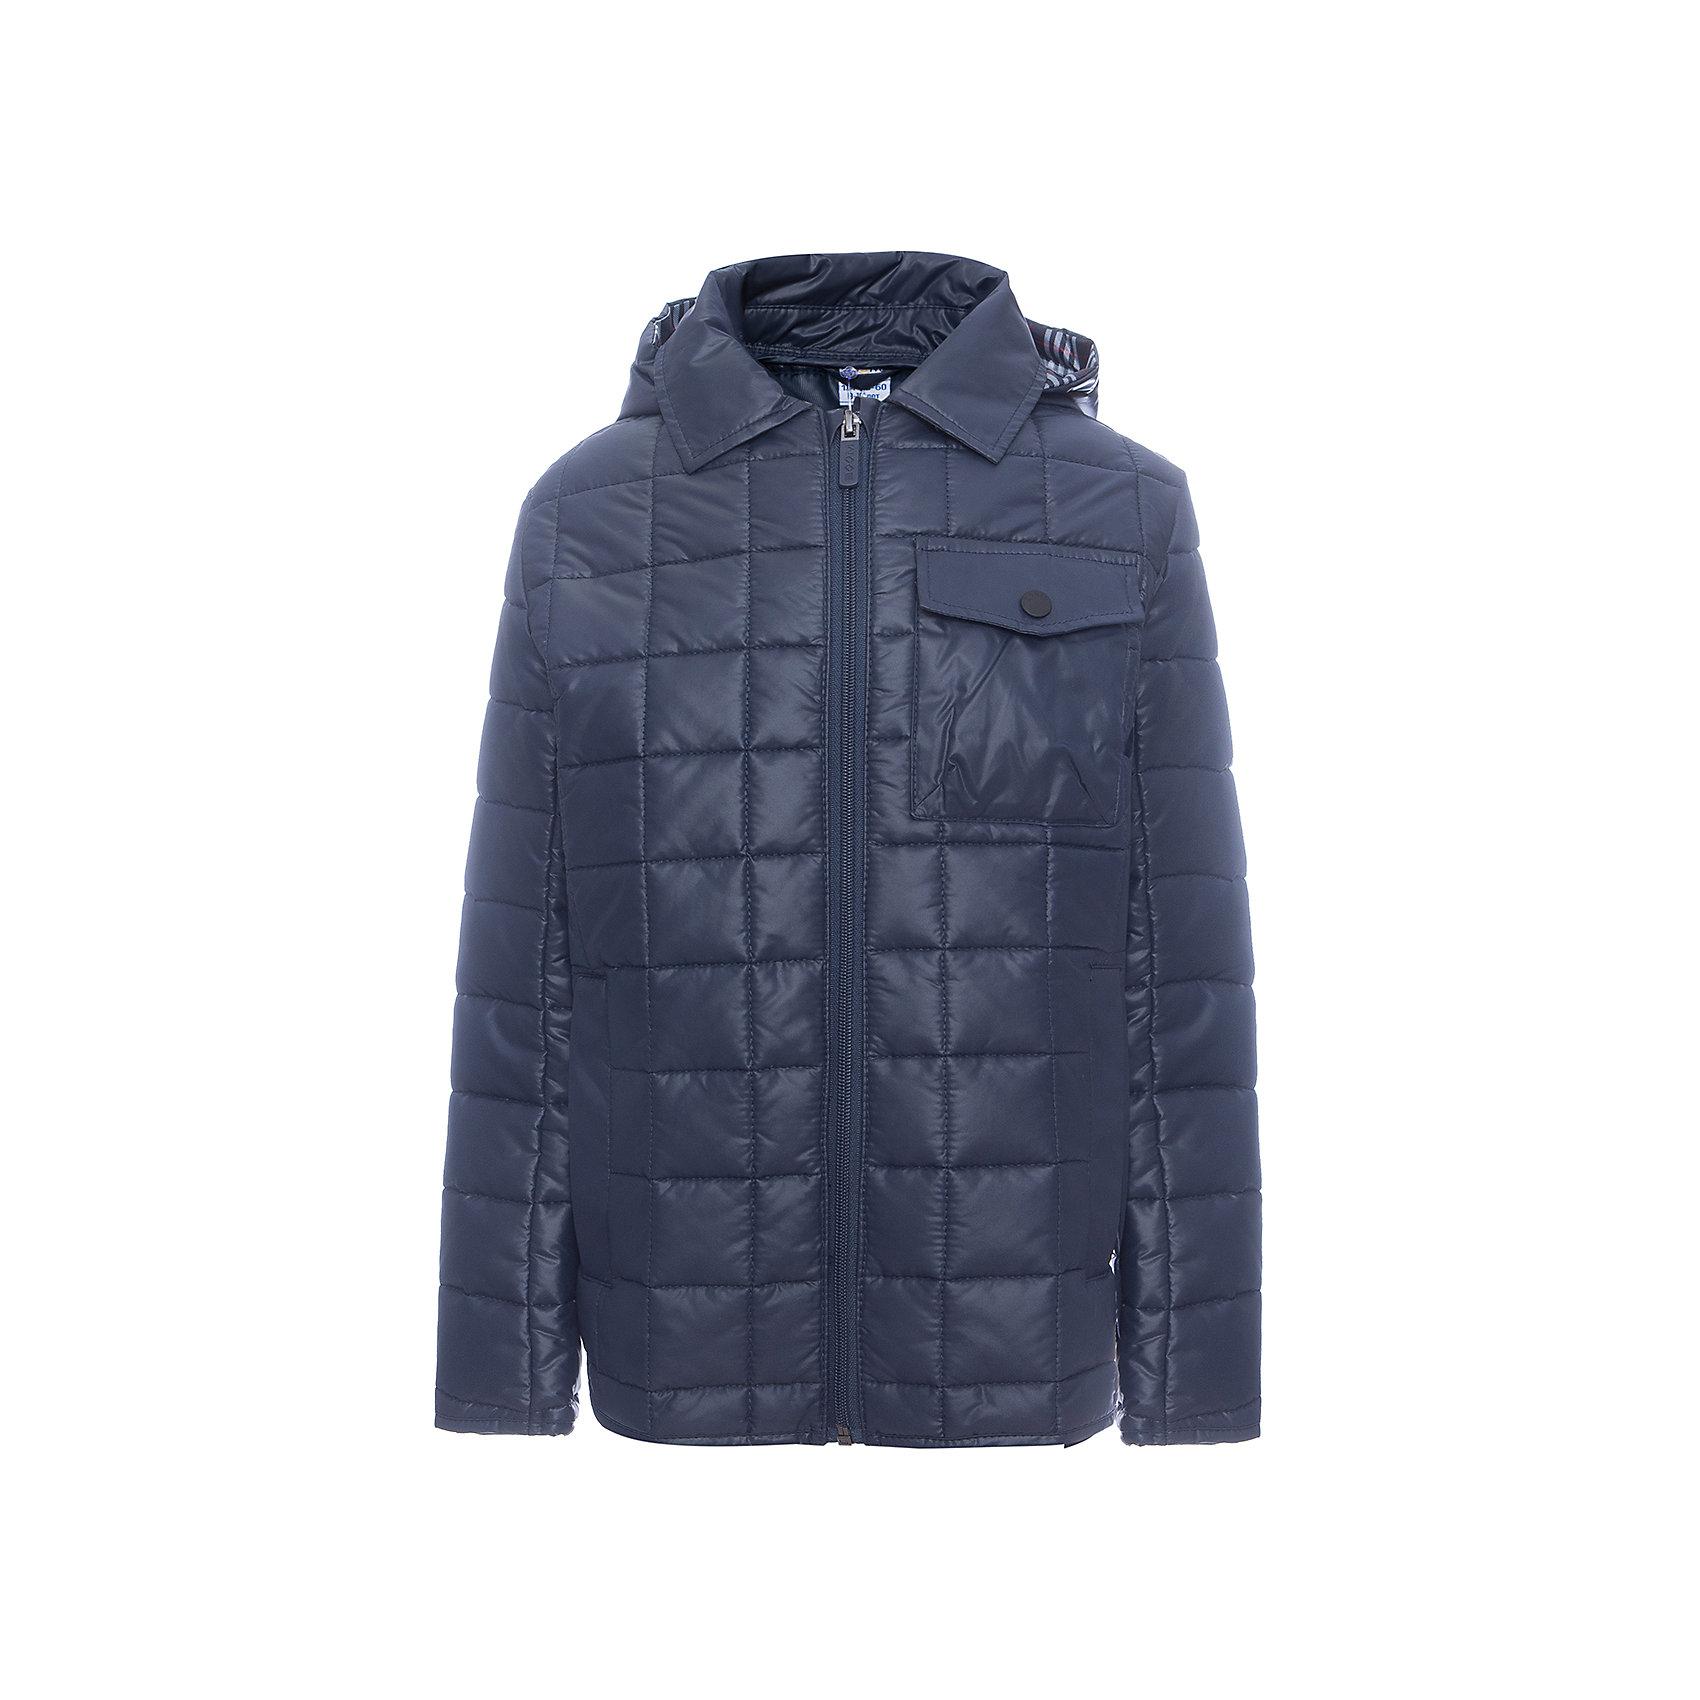 Куртка BOOM by Orby для мальчикаВерхняя одежда<br>Характеристики товара:<br><br>• цвет: синий<br>• ткань верха: Таффета pu milky стеганая<br>• подкладка: ПЭ пуходержащий<br>• утеплитель: Flexy Fiber 150 г/м2<br>• сезон: демисезон<br>• температурный режим: от 0°до +15°С<br>• особенности: на молнии, стеганая<br>• тип куртки: стеганая<br>• капюшон: без меха, несъемный<br>• страна бренда: Россия<br>• страна изготовитель: Россия<br><br>Эта демисезонная куртка не только стильно смотрится - благодаря утеплителю, оптимальному прилеганию и капюшону такая куртка защитит ребенка от холода и сырости в демисезон. Она дополнена удобными карманами.<br><br>Куртку BOOM by Orby для мальчика можно купить в нашем интернет-магазине.<br><br>Ширина мм: 356<br>Глубина мм: 10<br>Высота мм: 245<br>Вес г: 519<br>Цвет: синий<br>Возраст от месяцев: 132<br>Возраст до месяцев: 144<br>Пол: Мужской<br>Возраст: Детский<br>Размер: 152,158,164,170,122,128,134,140,146<br>SKU: 7007398